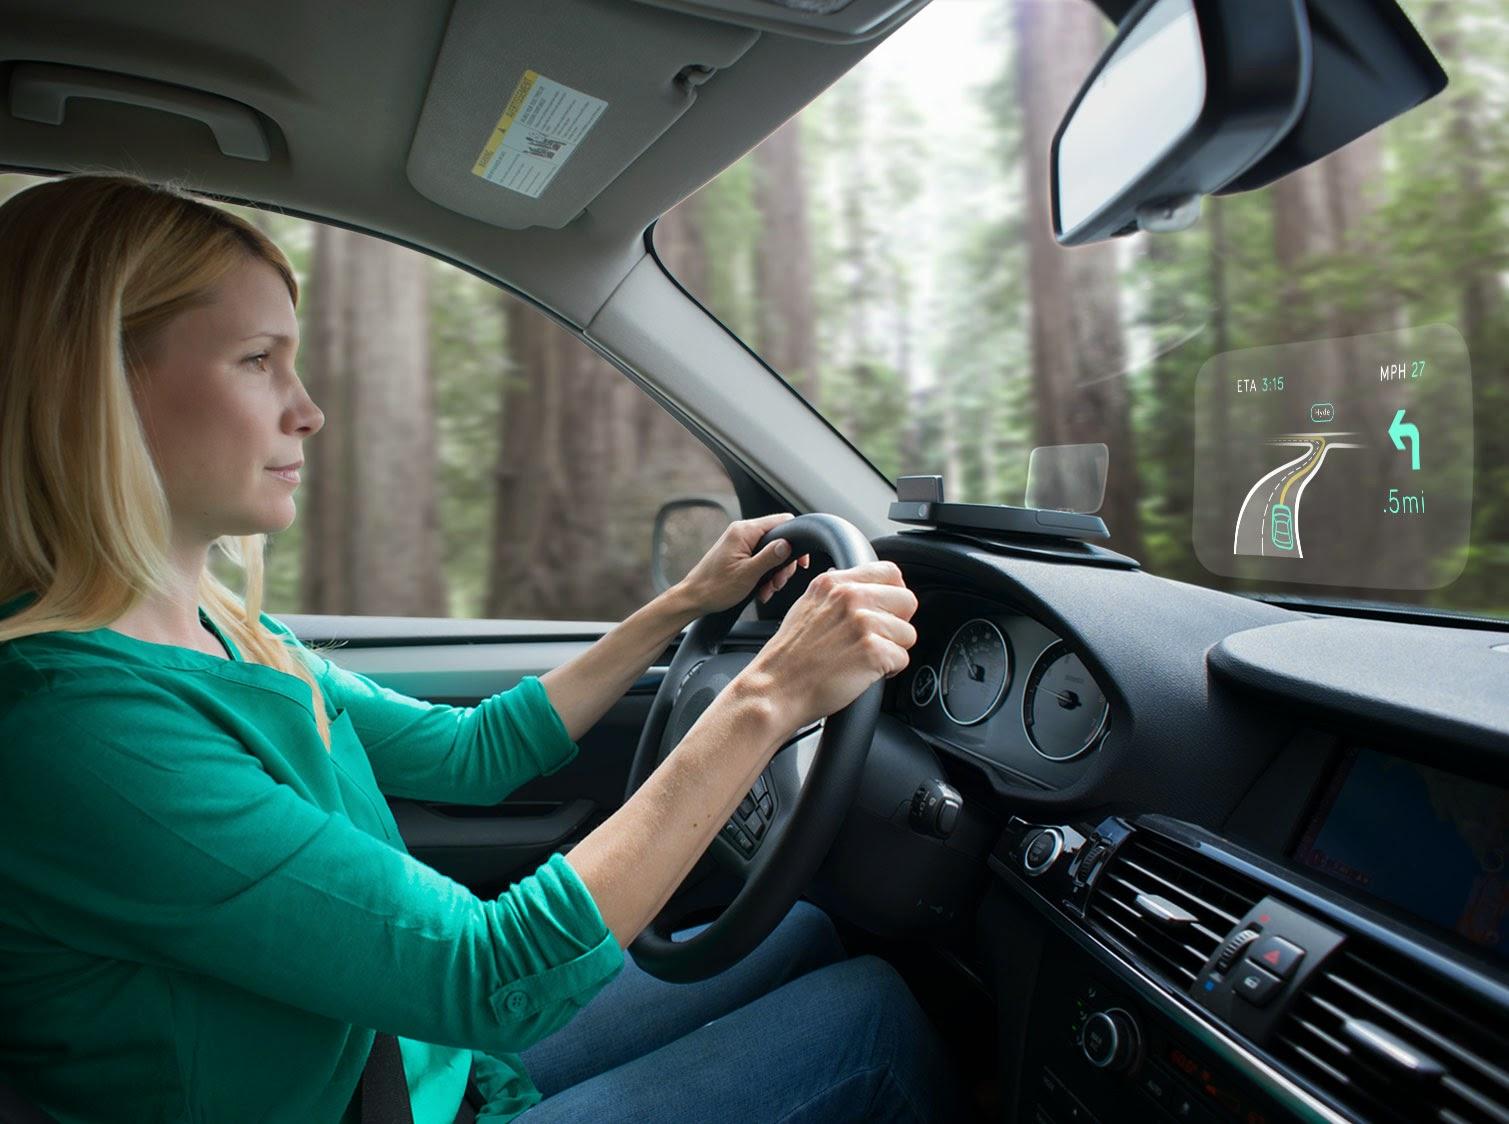 Il navigatore per auto del futuro?